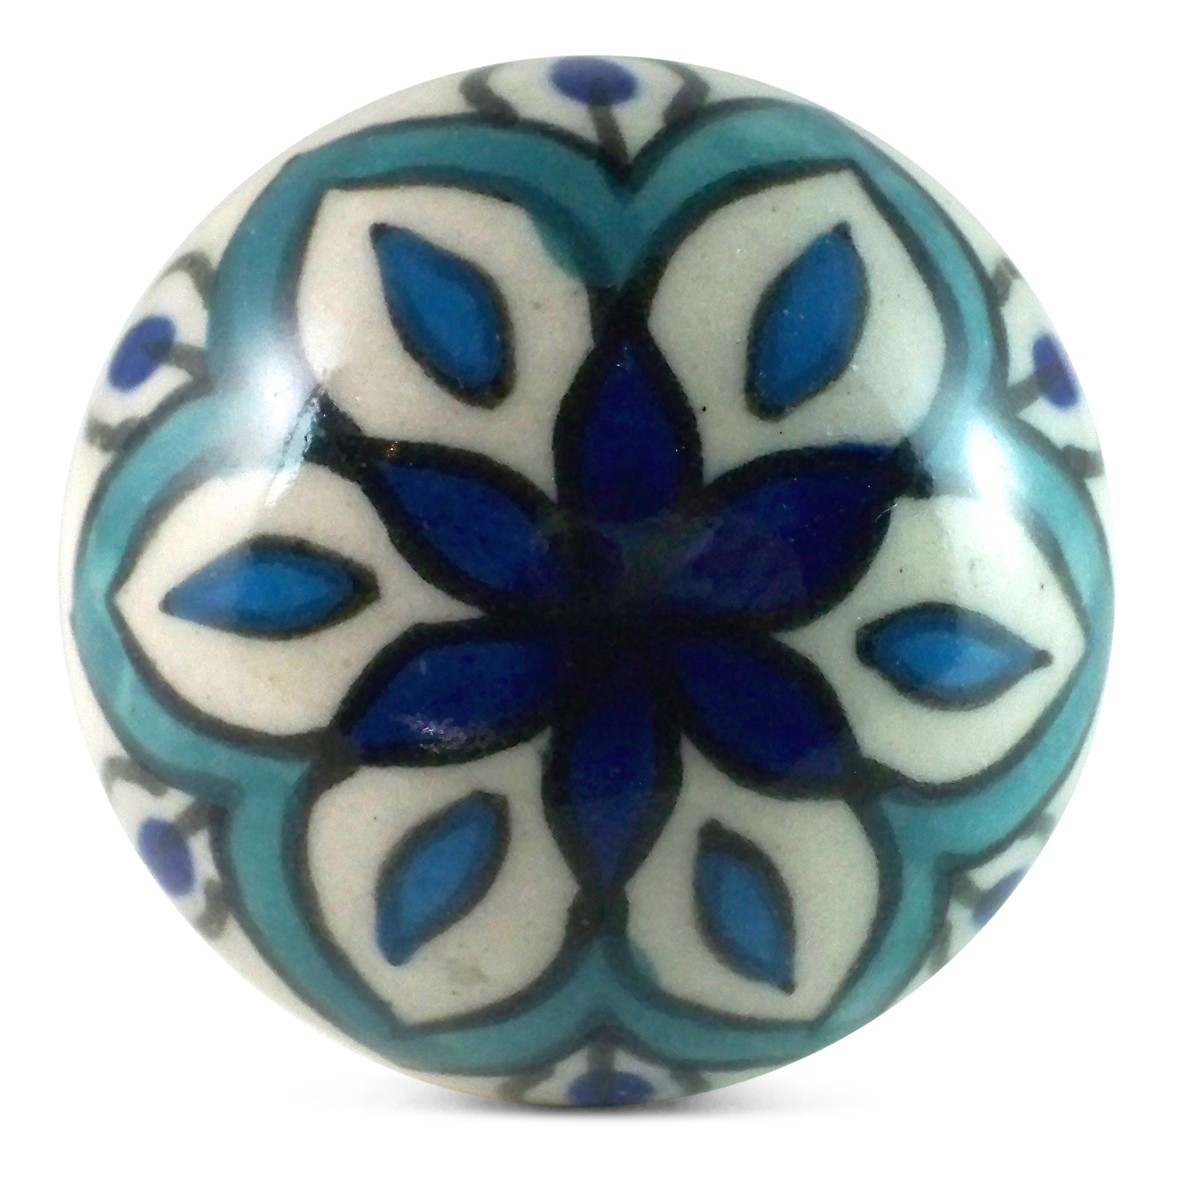 Bouton De Meuble Sherazade Bleu Et Turquoise Carreau Ciment